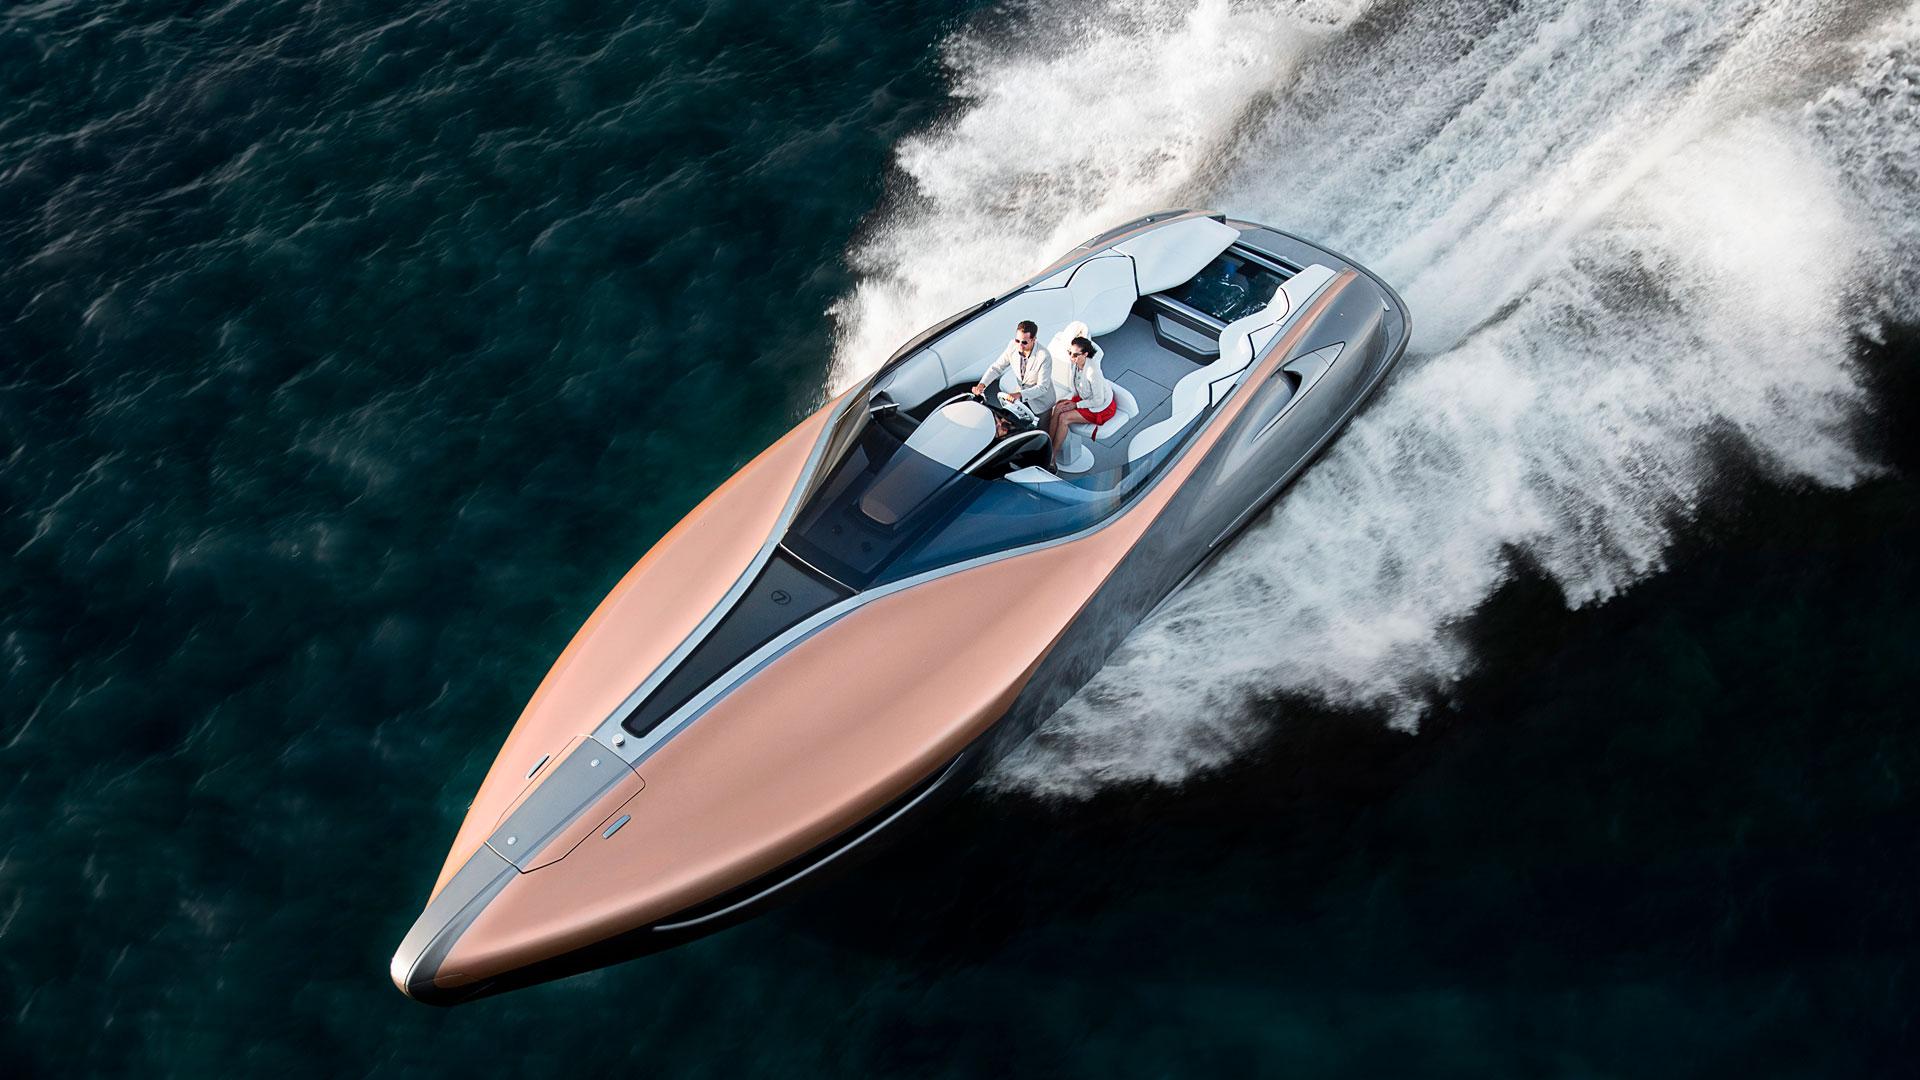 El concepto Sport Yacht de Lexus se ha creado en colaboración con Marquis Larson Boat Group